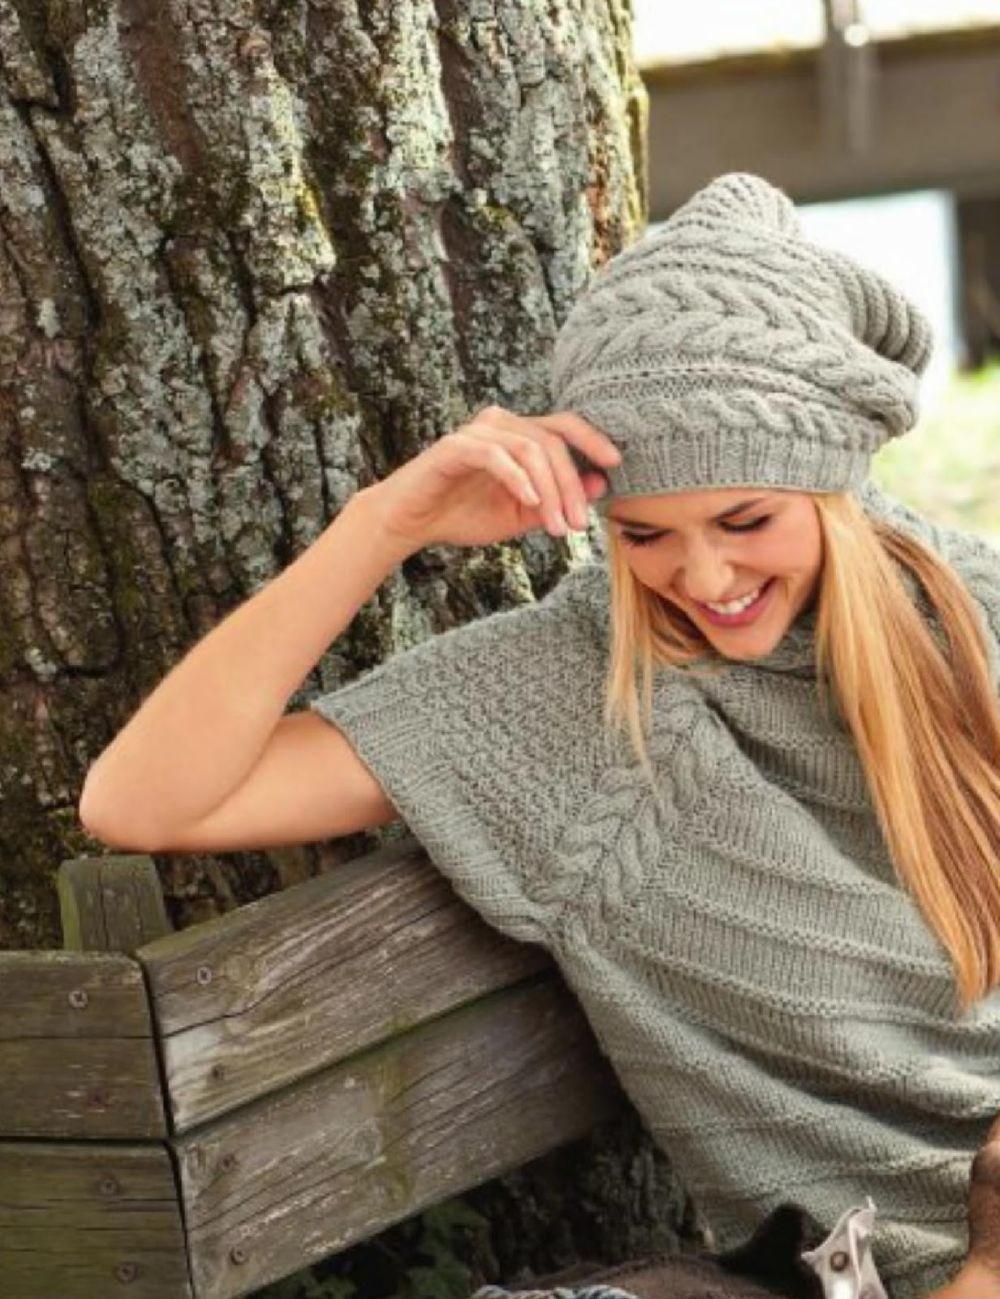 Как носить шапку с челкой: вязаная с челкой серая